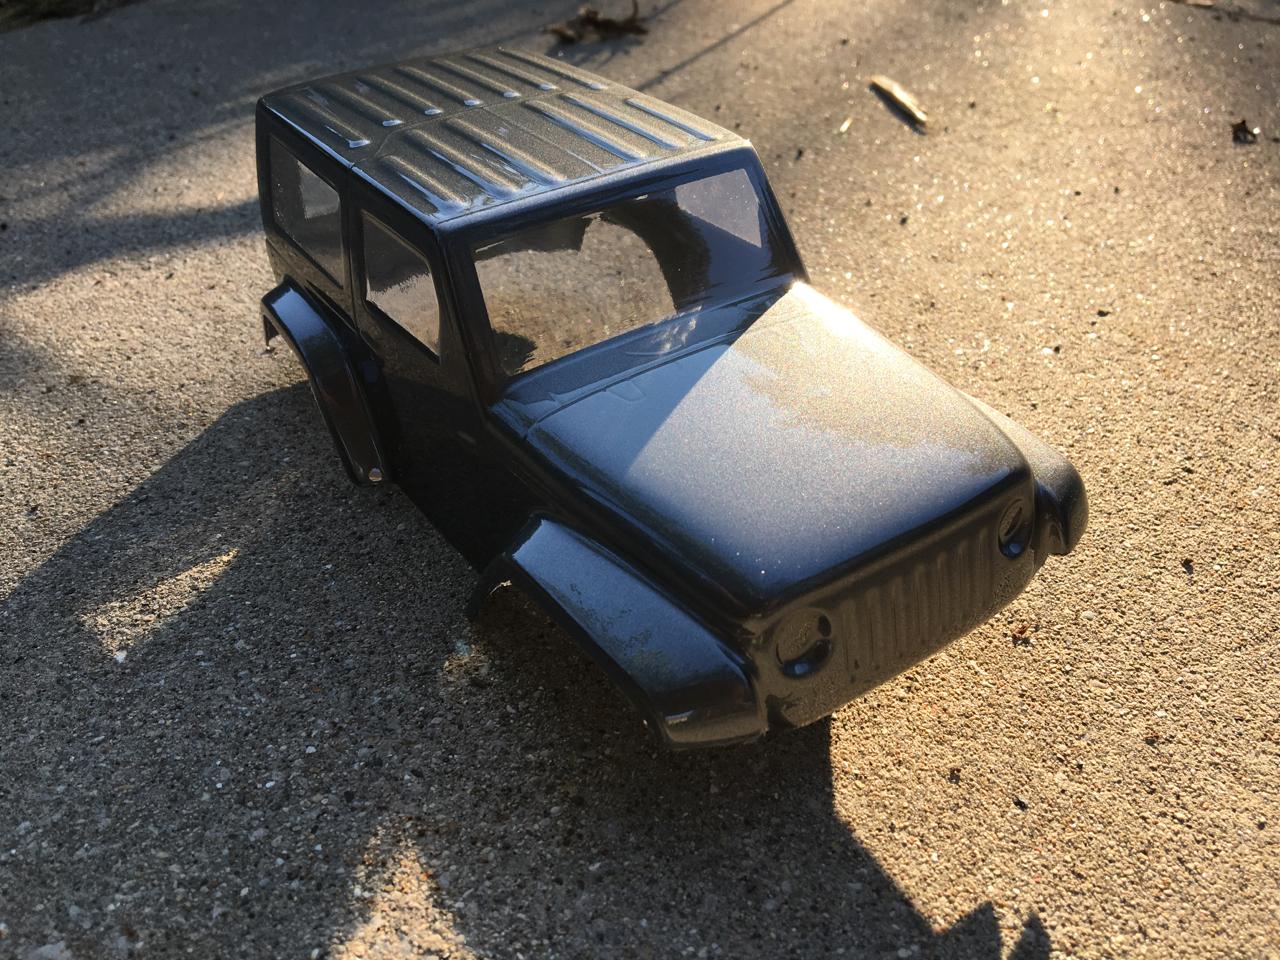 Pro-Line's Ambush 4x4 Jeep body shining in the sun.